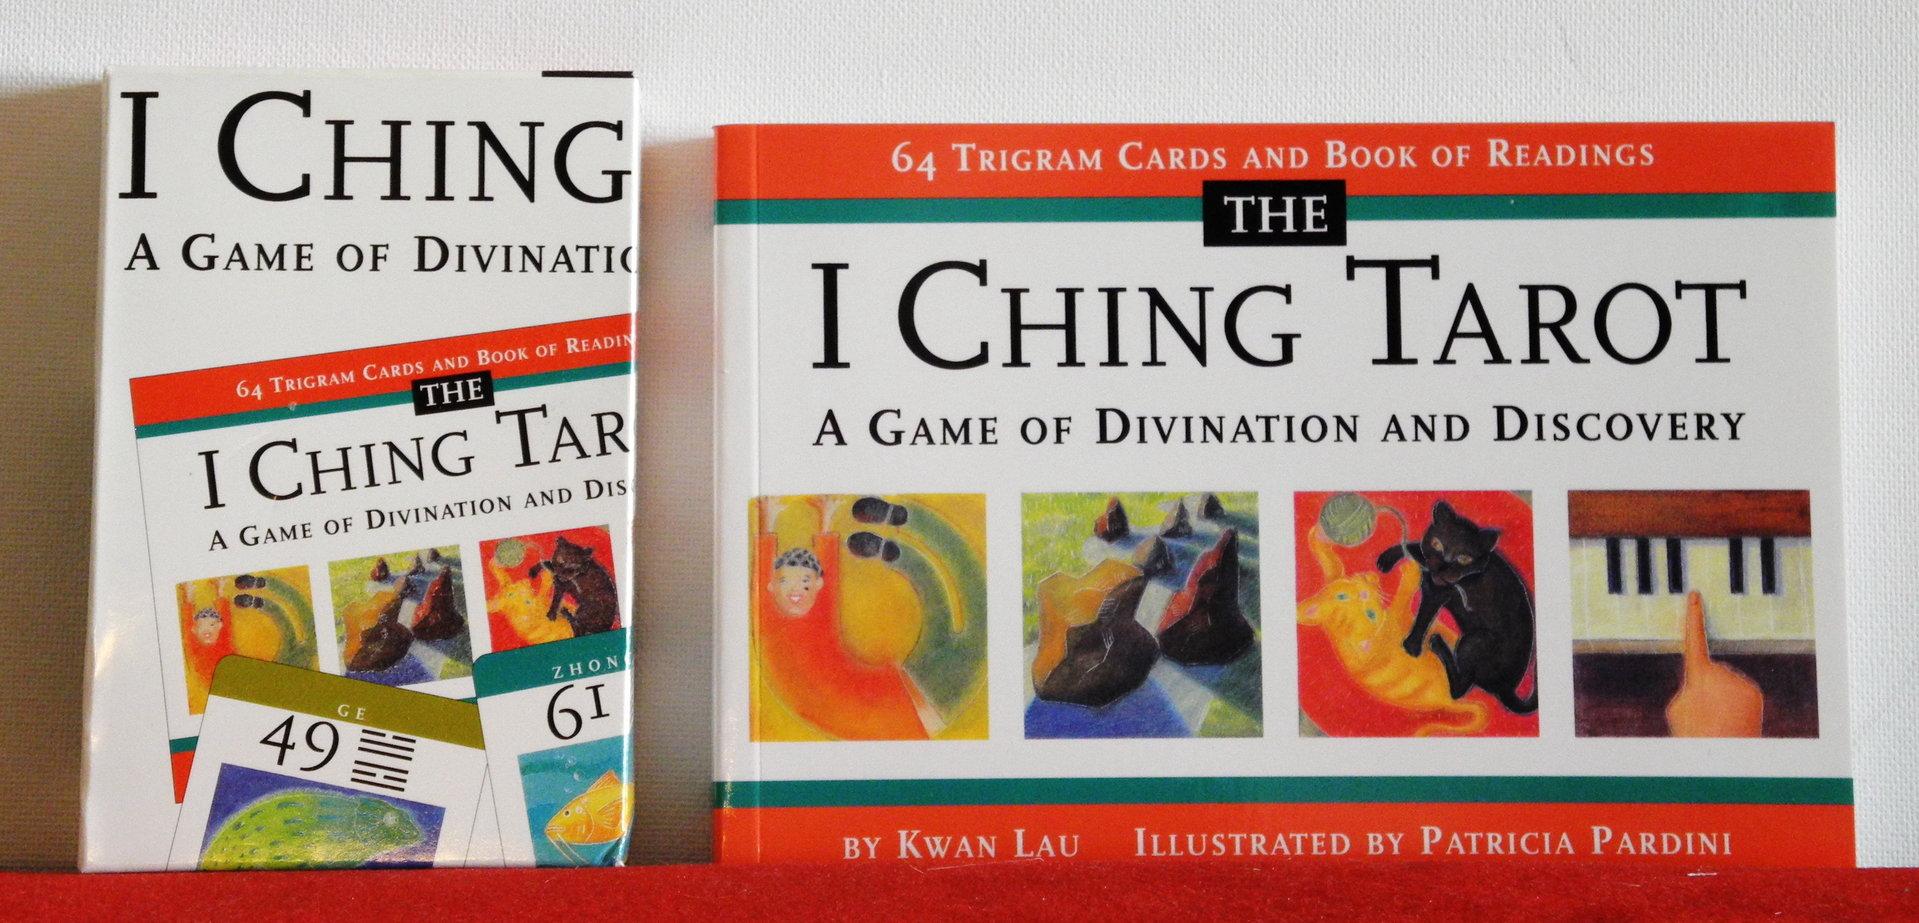 I Ching Tarot d/b